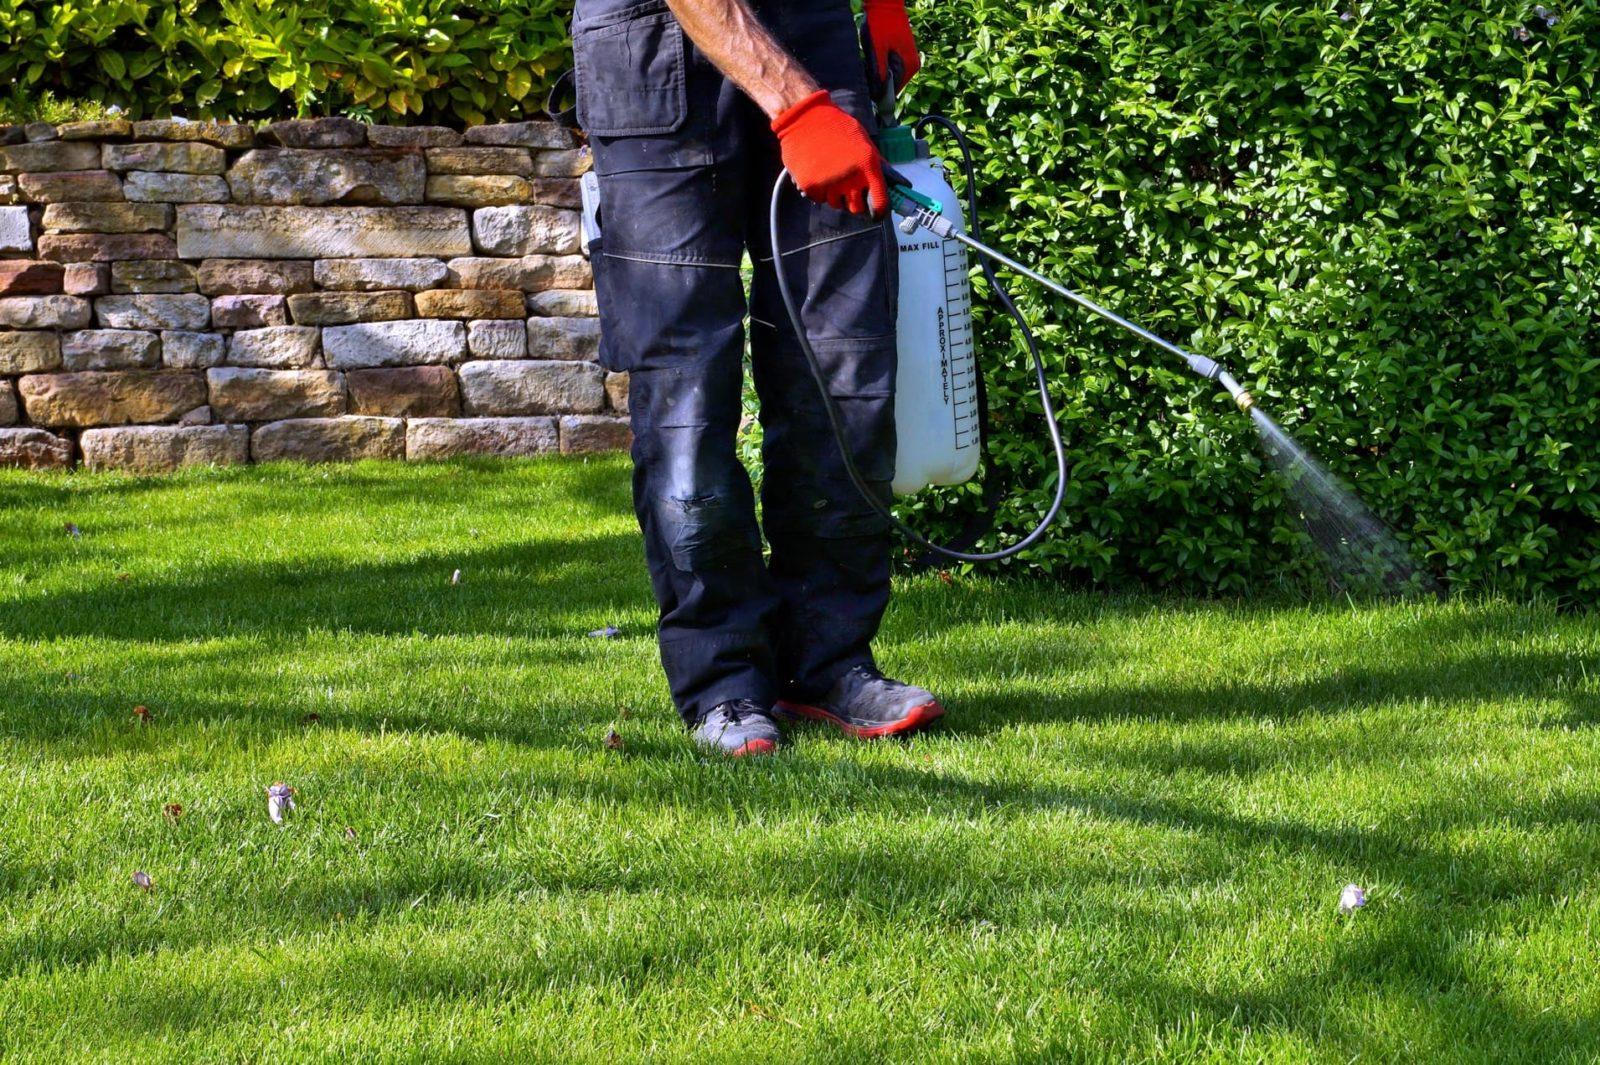 man spraying fertiliser on lawn